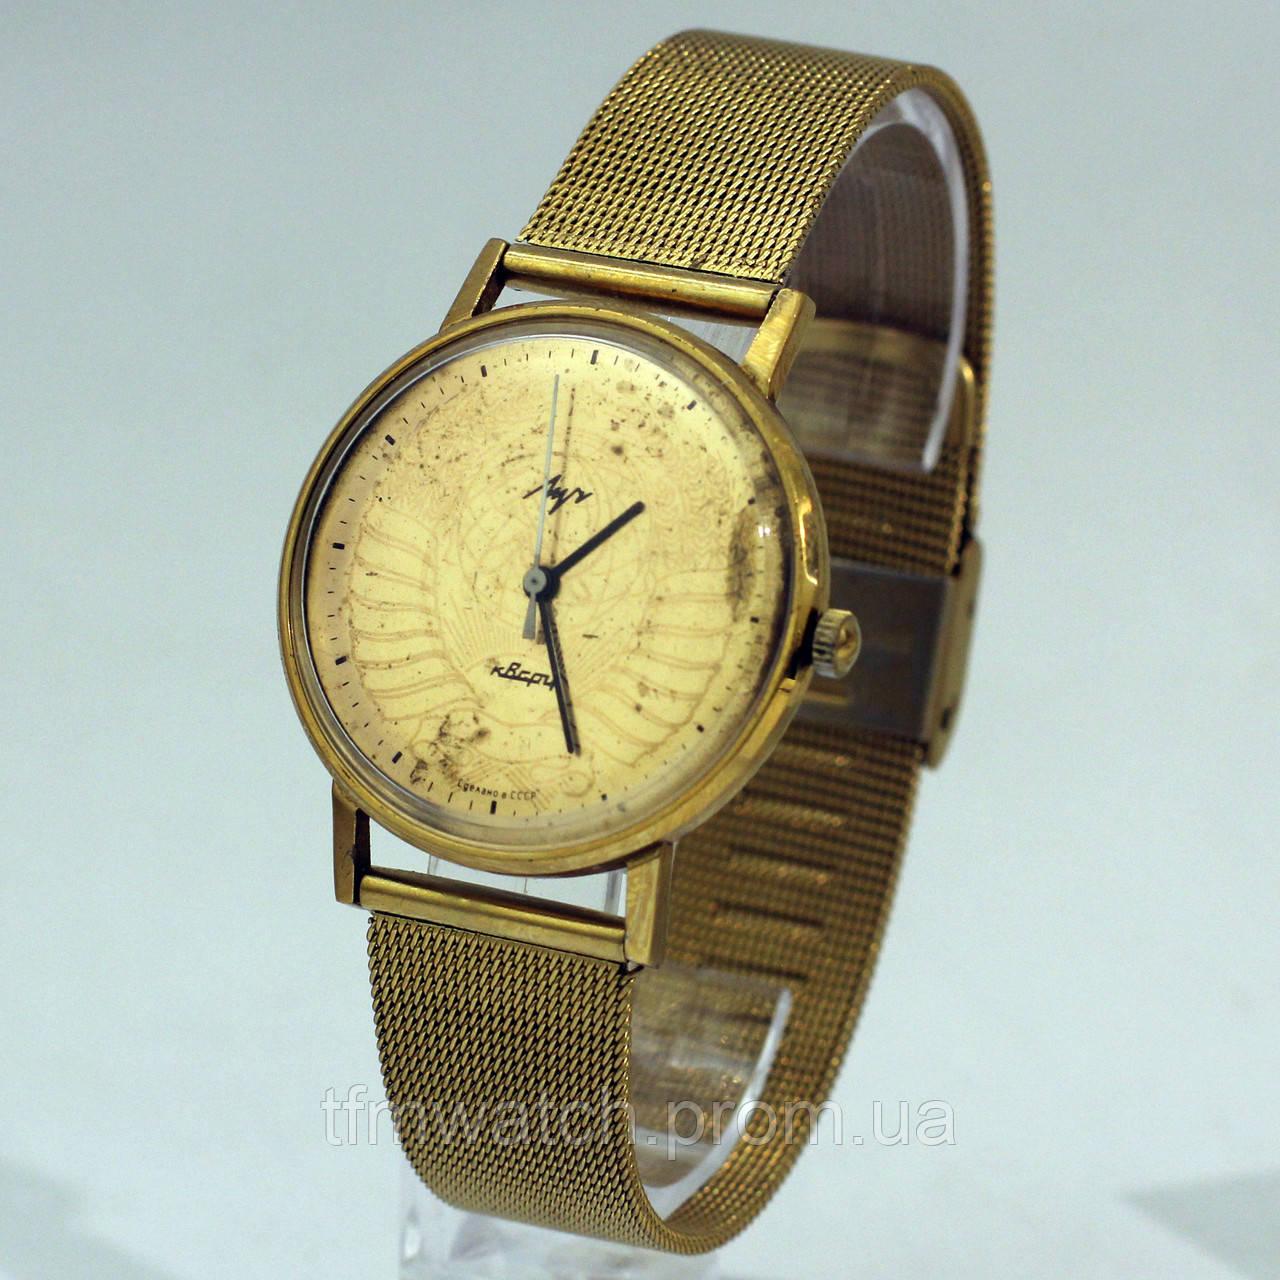 Советские позолоченные часы Луч кварц